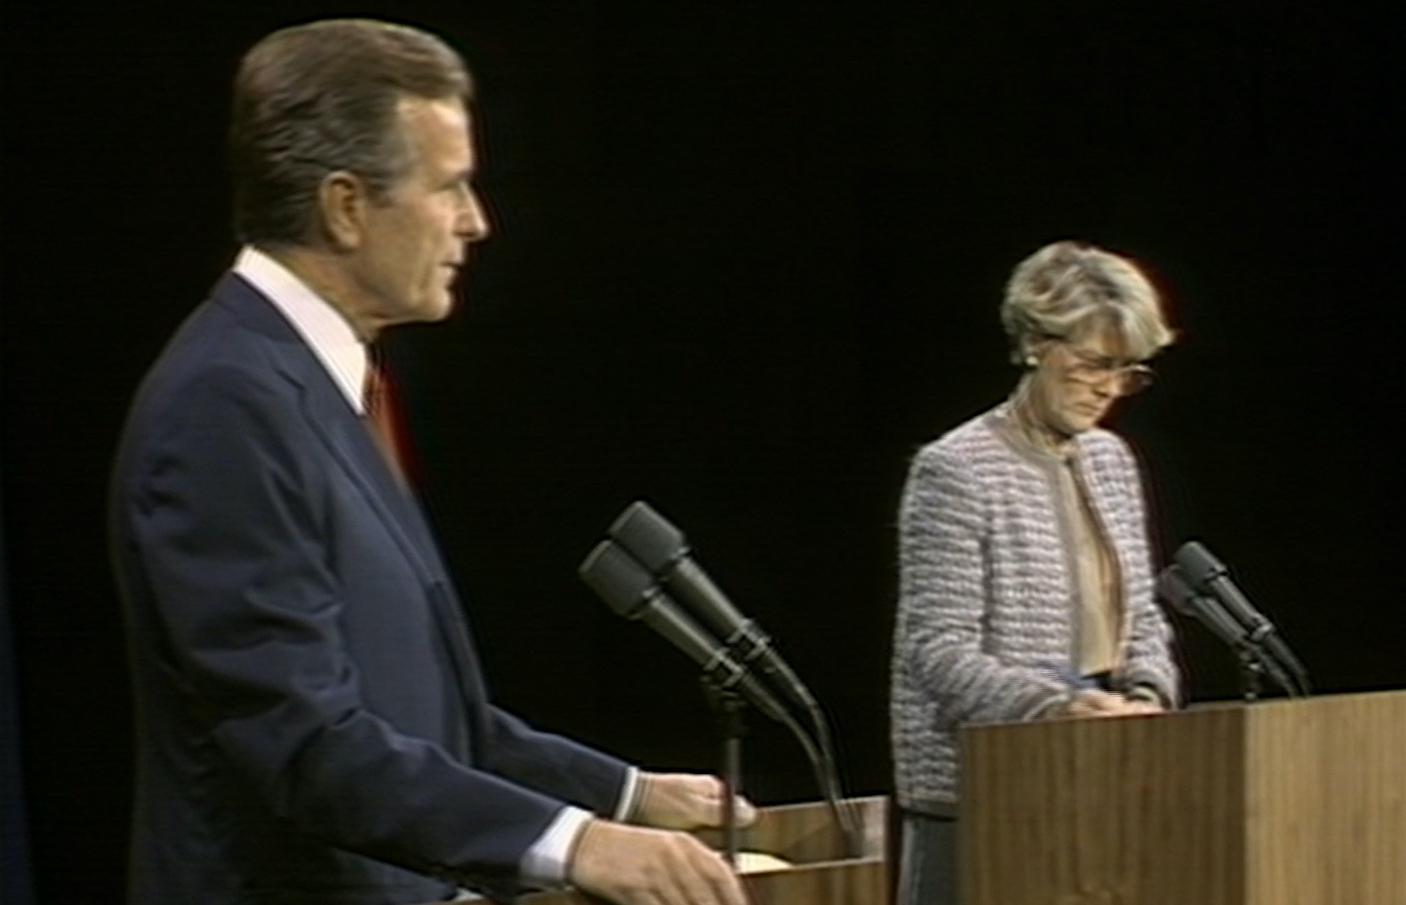 Bush vs. Ferraro: The 1984 vice presidential debate